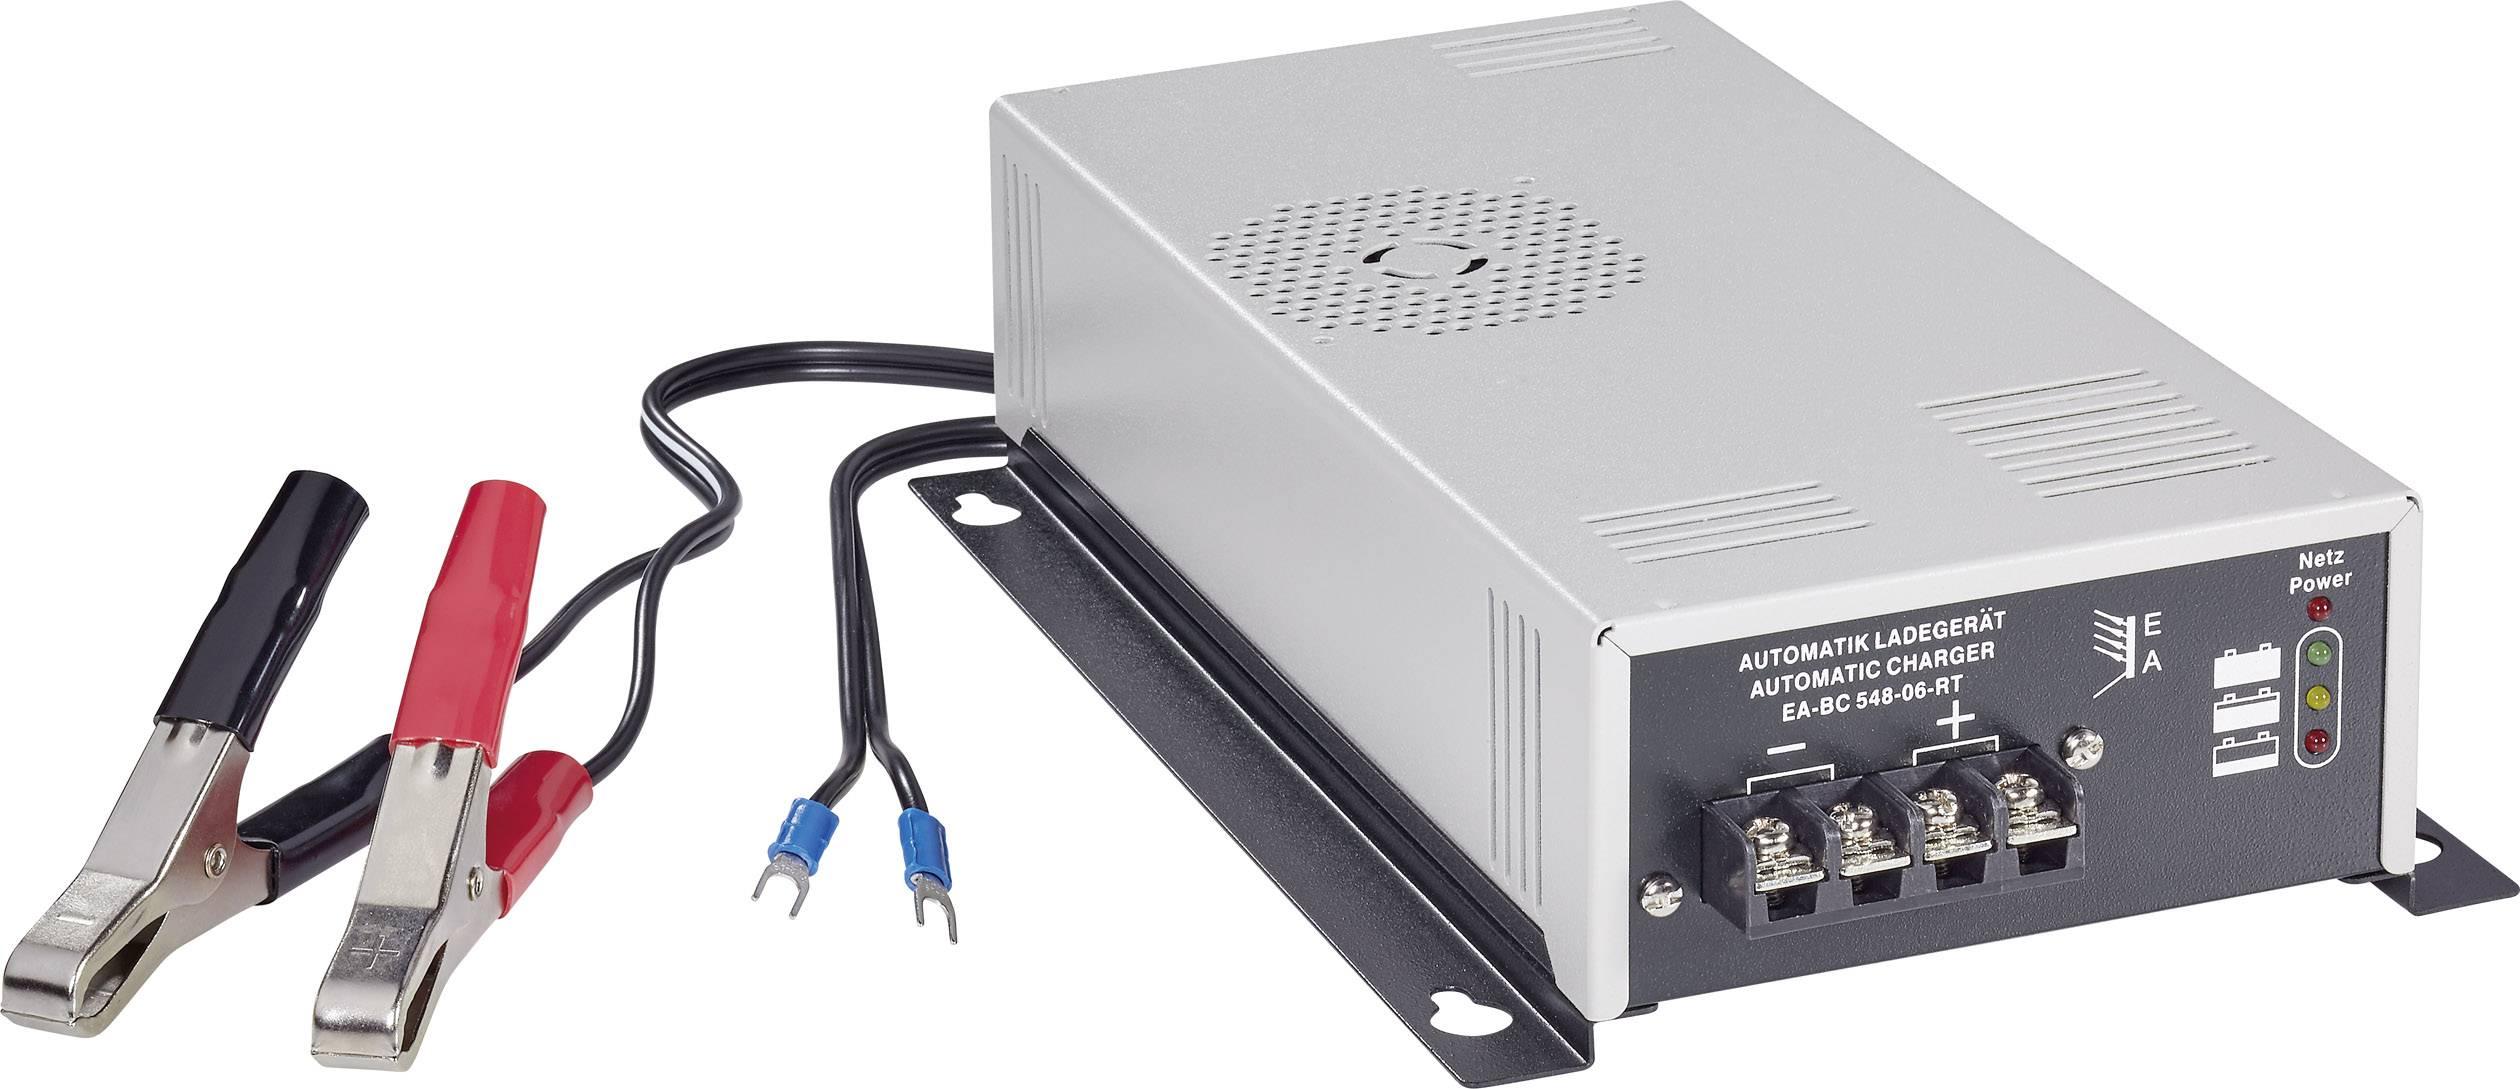 Nabíječka olověných akumulátorů EA-BC-548-06-RT, 48 V, 5,5 A